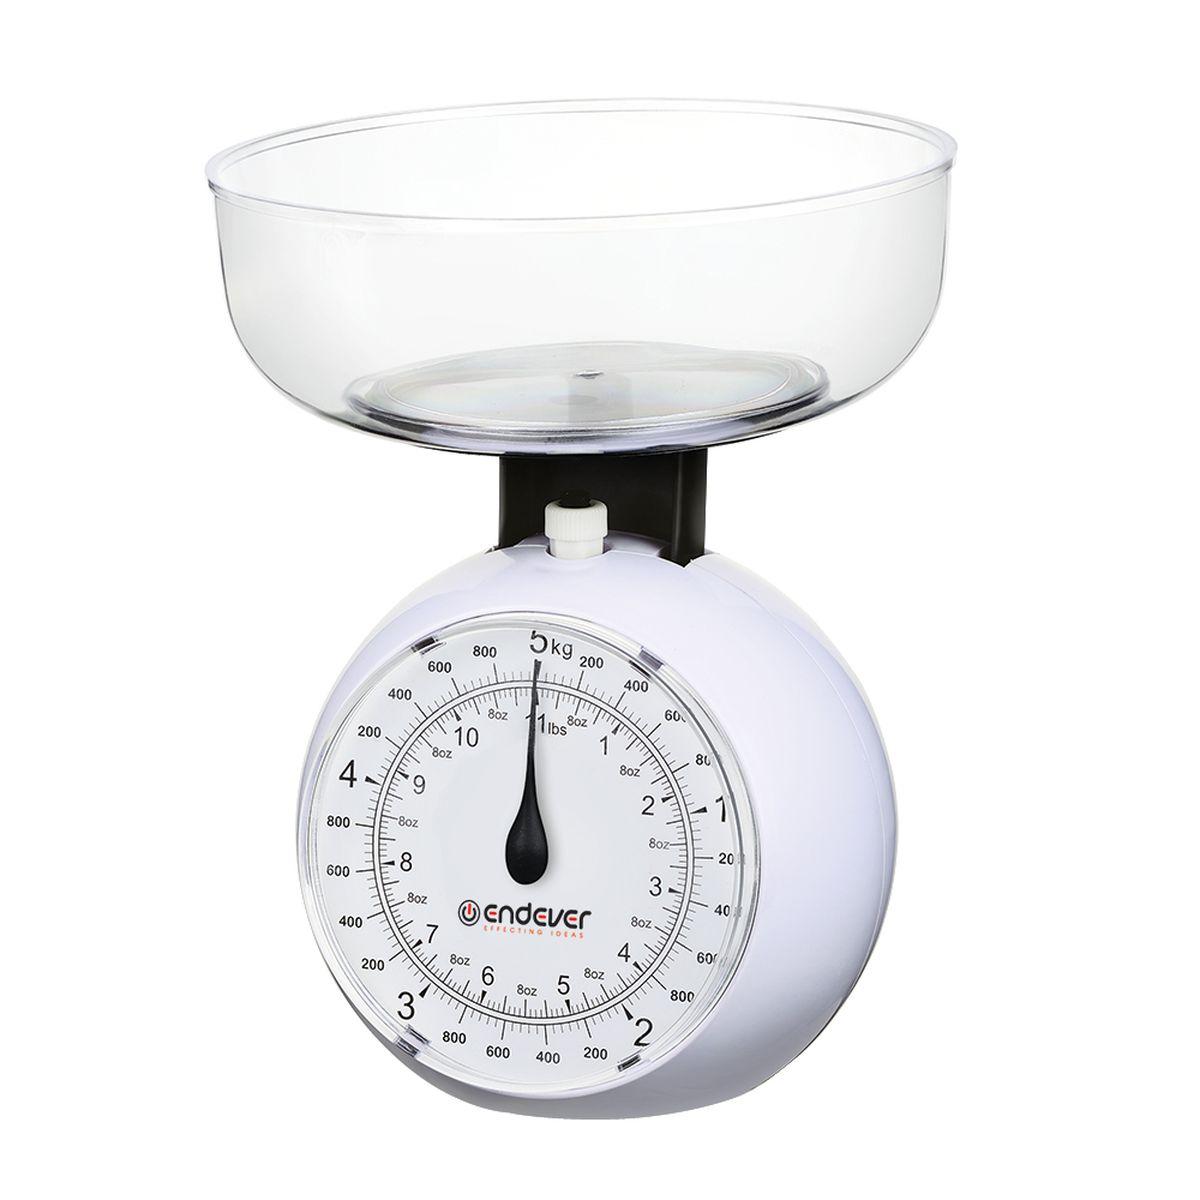 Endever KS-517 весы кухонныеKS-517Кухонные механические весы Endever KS-517 - незаменимые помощники современной хозяйки. Они помогут точно взвесить любые продукты и ингредиенты. Кроме того, позволят людям, соблюдающим диету, контролировать количество съедаемой пищи и размеры порций. Удобная чаша позволяет взвешивать сыпучие продукты.